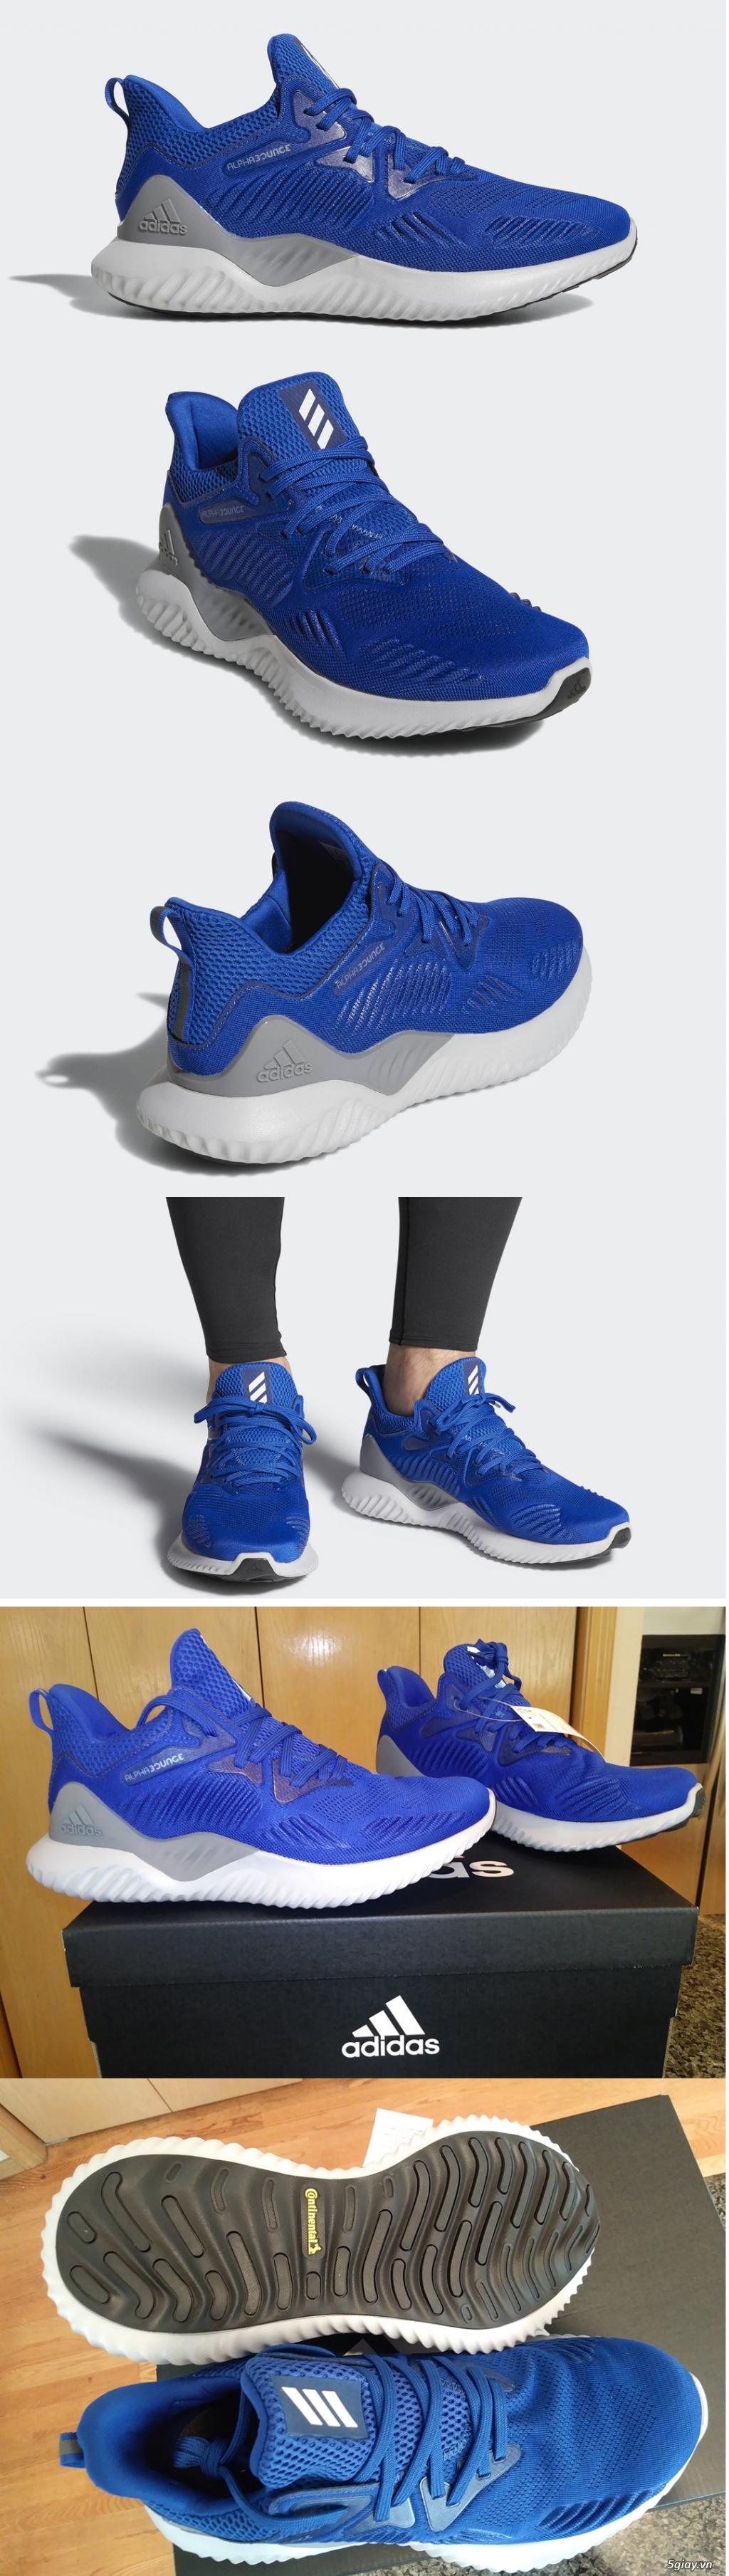 Mình xách/gửi giày Nike, Skechers, Reebok, Polo, Converse, v.v. từ Mỹ. - 17